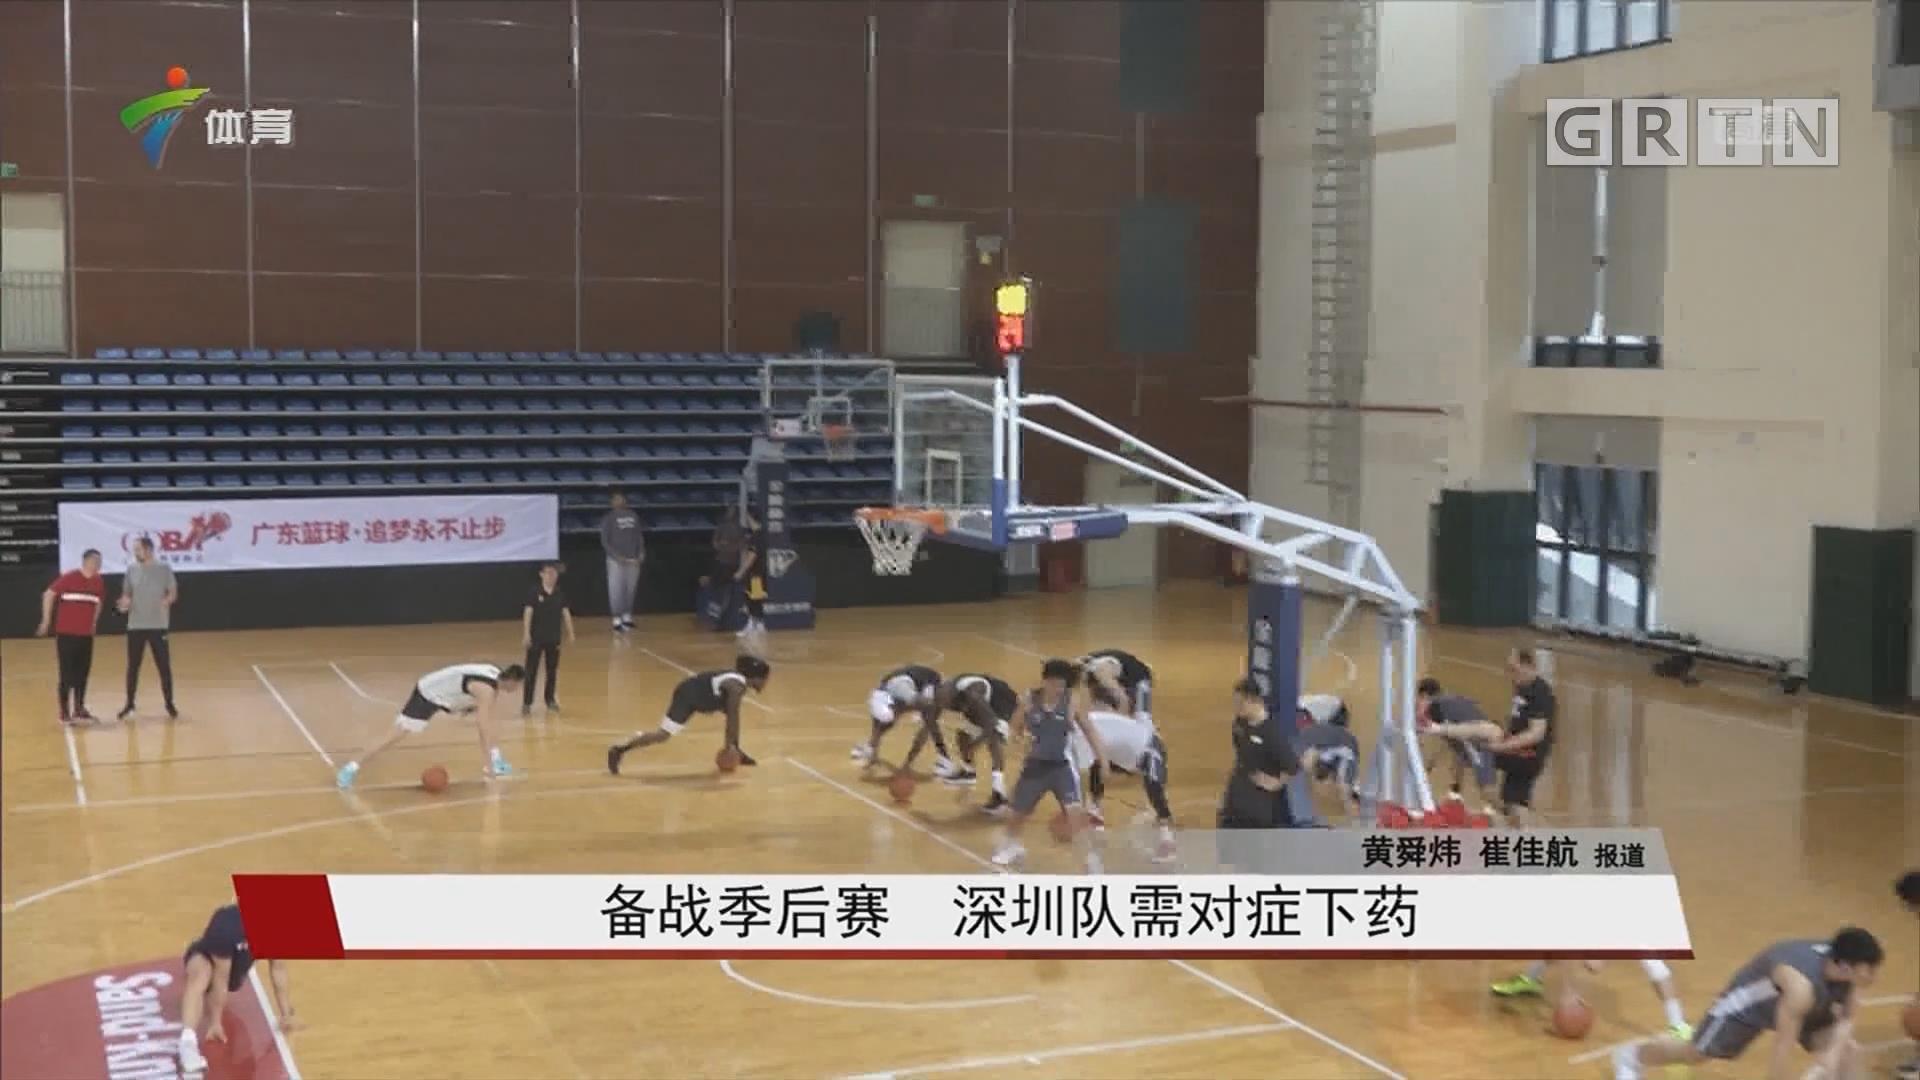 备战季后赛 深圳队需对症下药